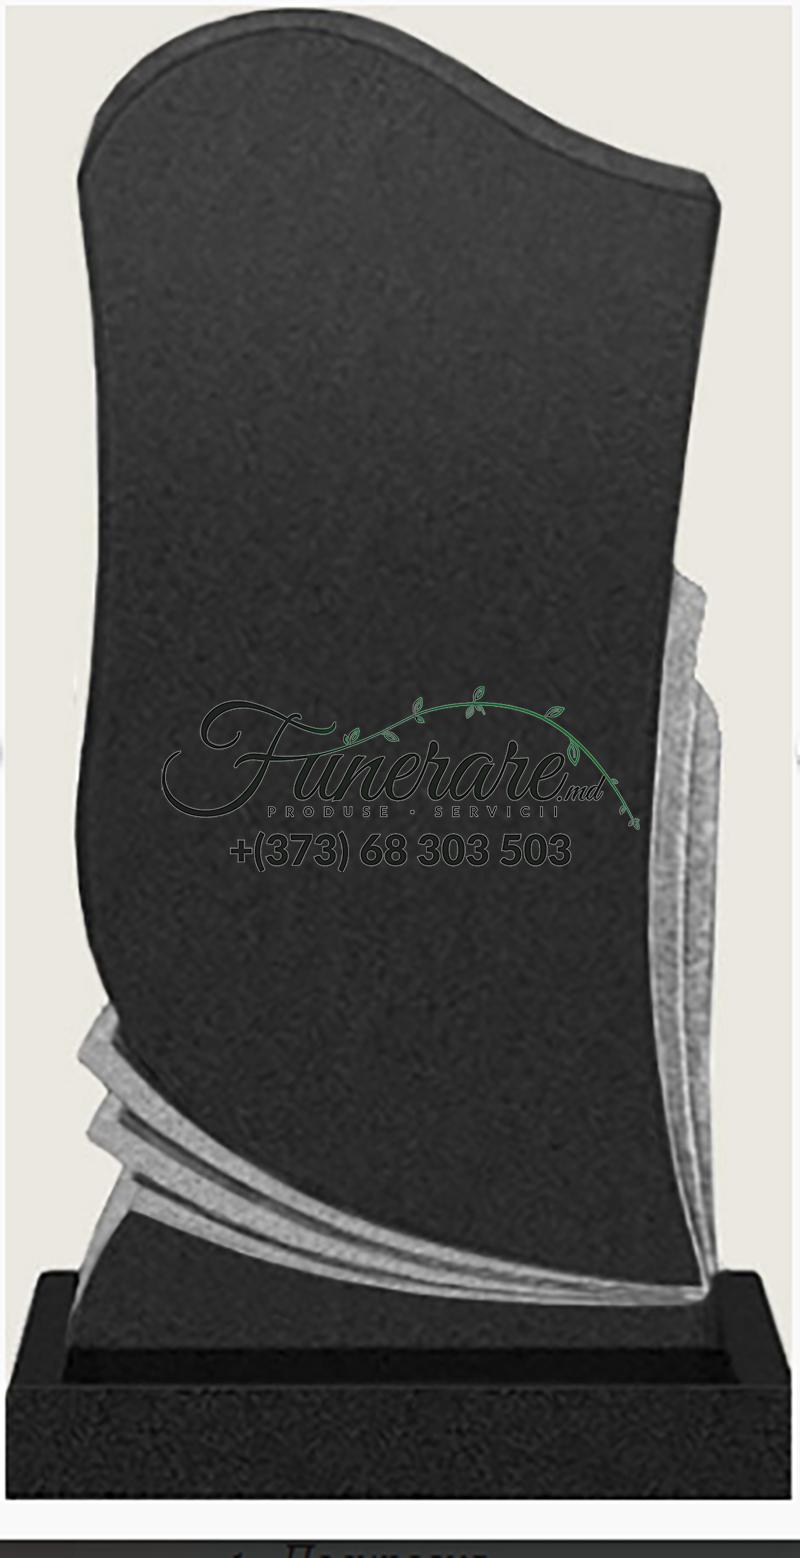 Monument granit negru 0061